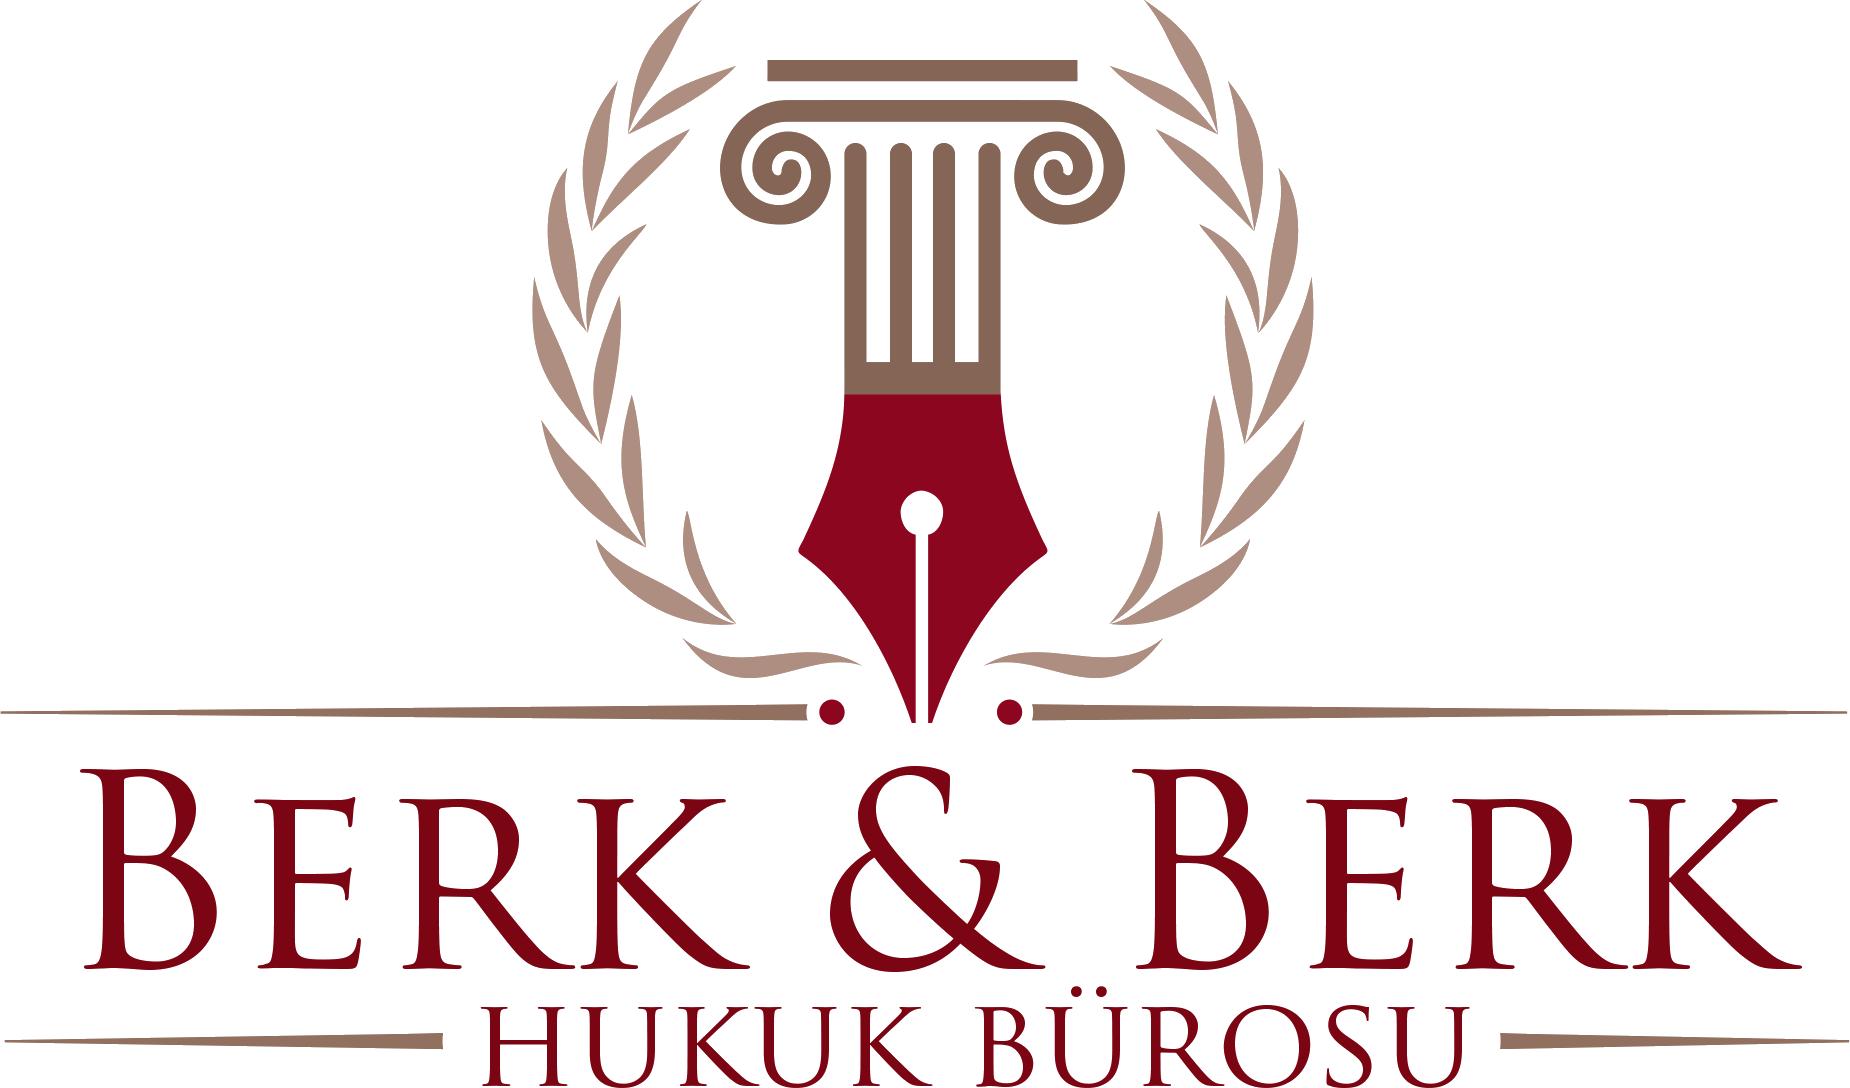 Berk & Berk Hukuk Bürosu